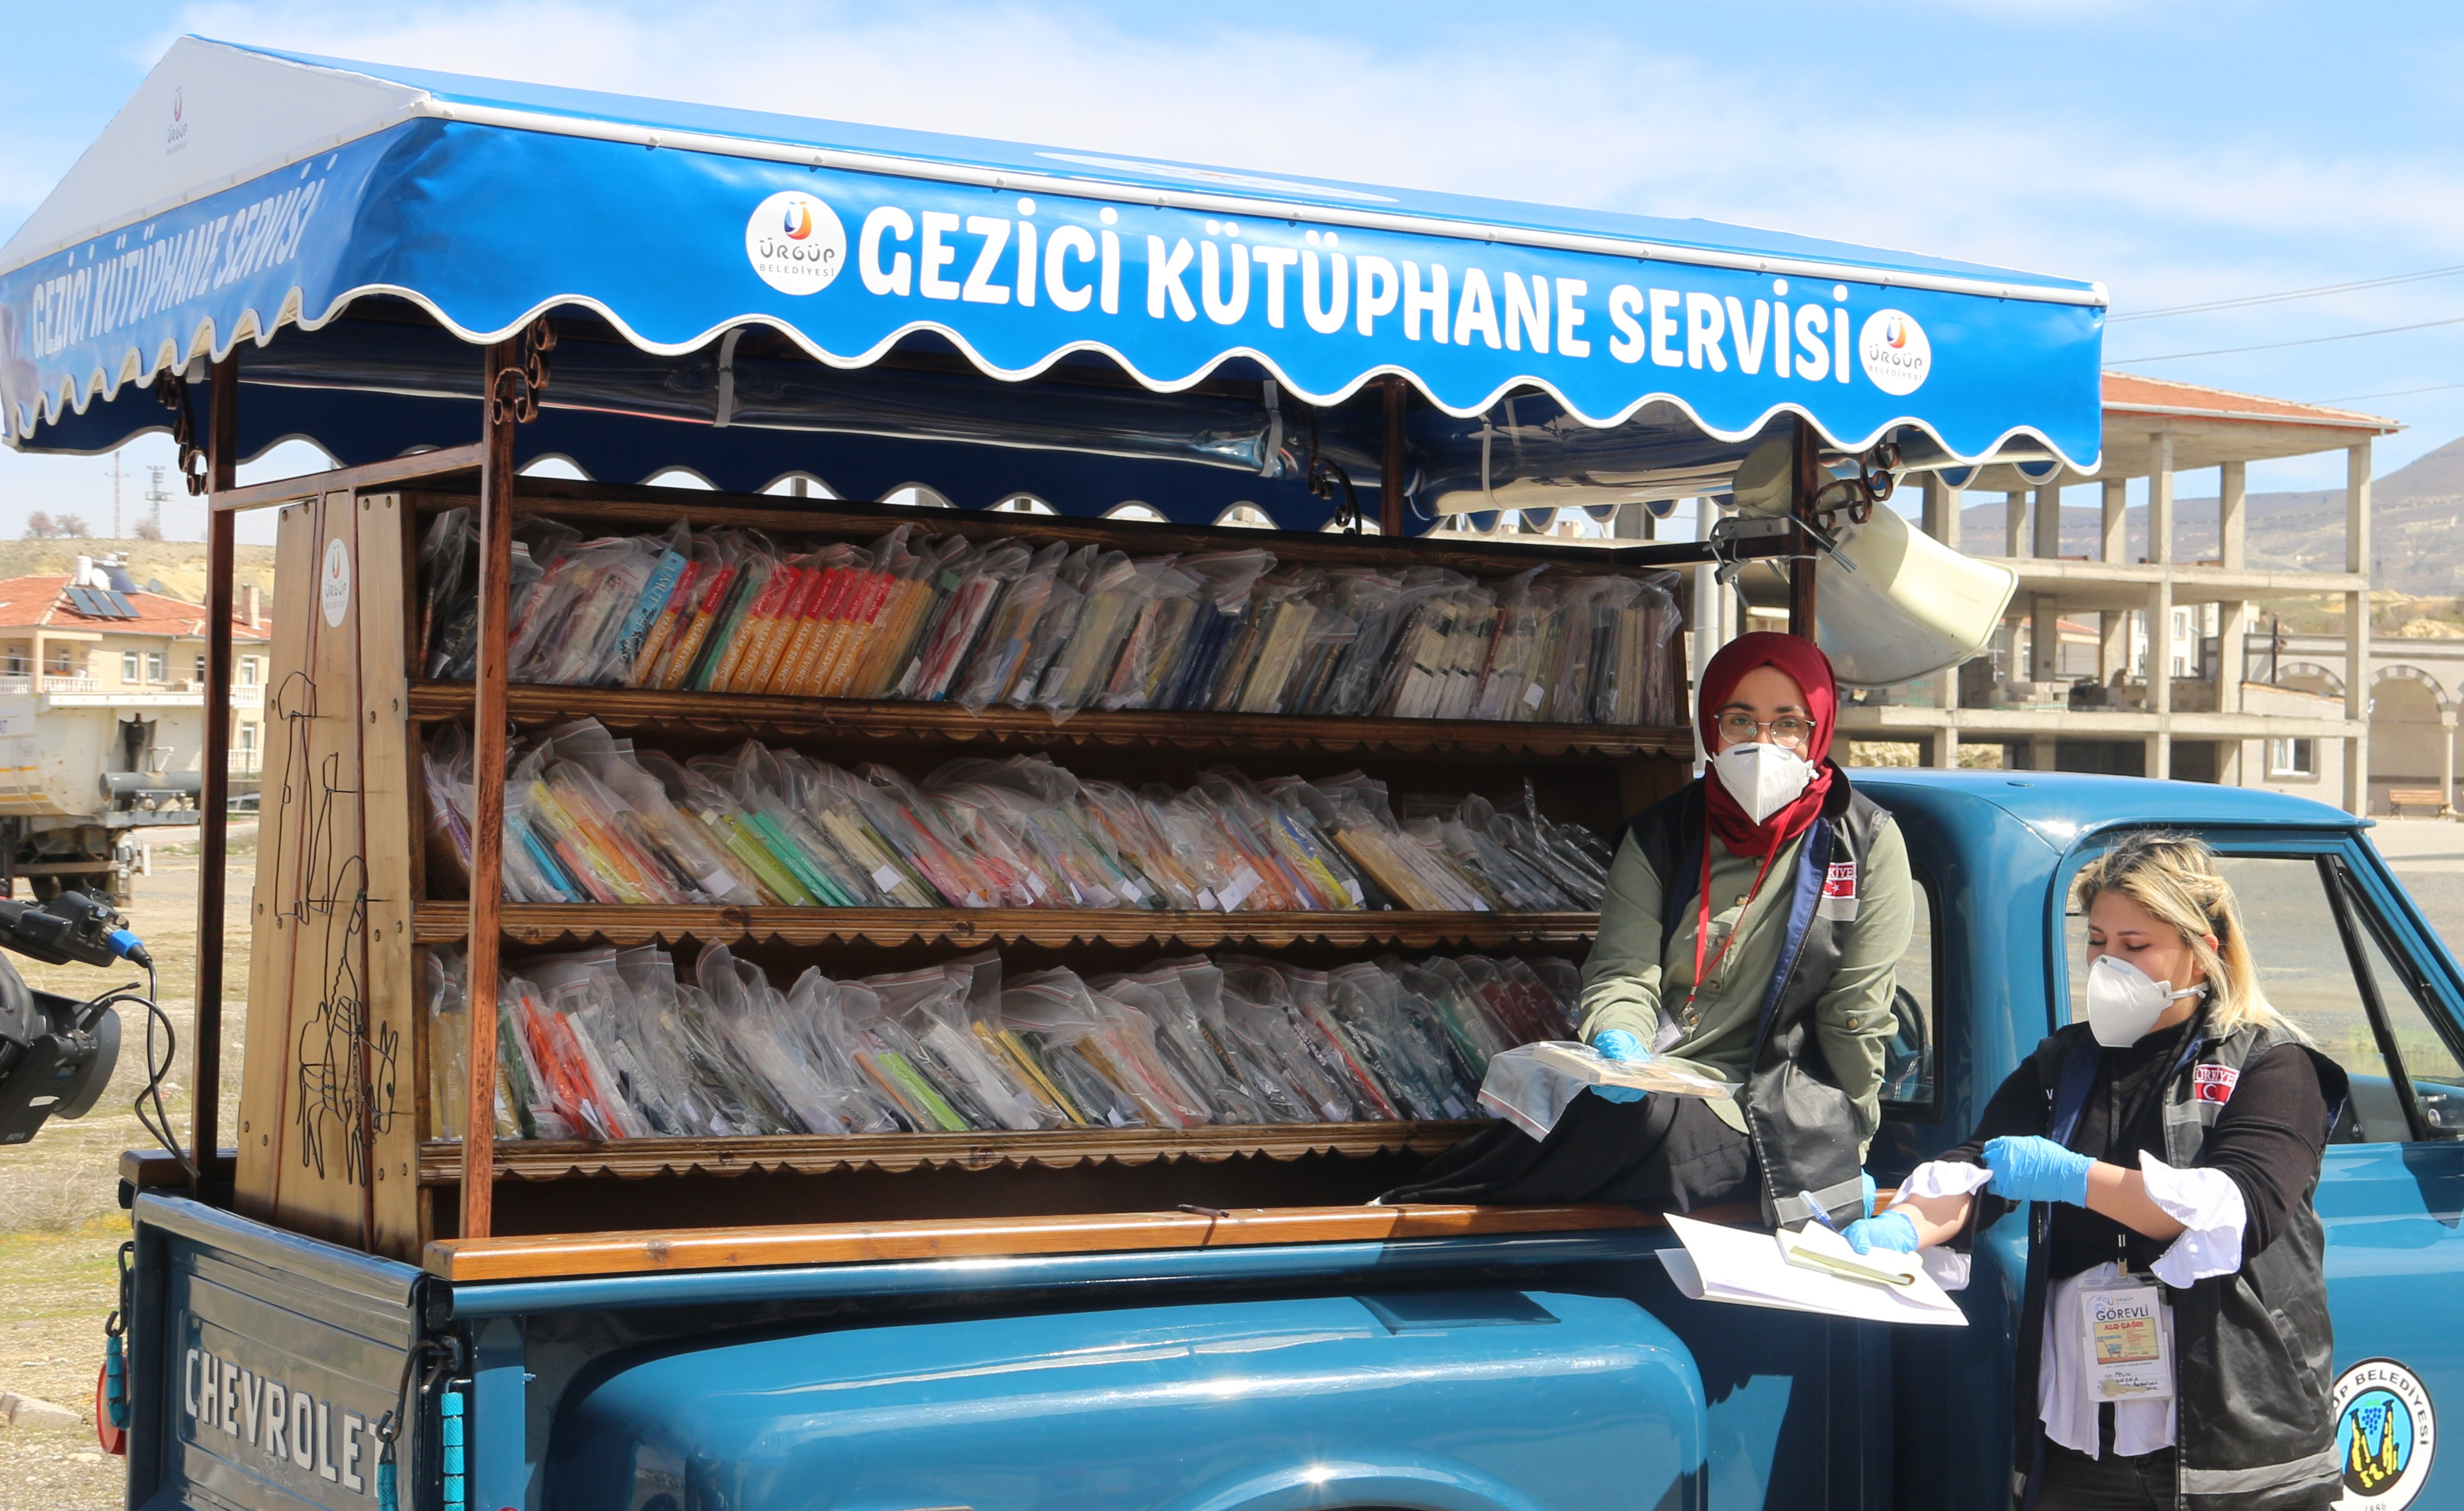 Ürgüp'te Gezici Kütüphane evlere kitap götürüyor